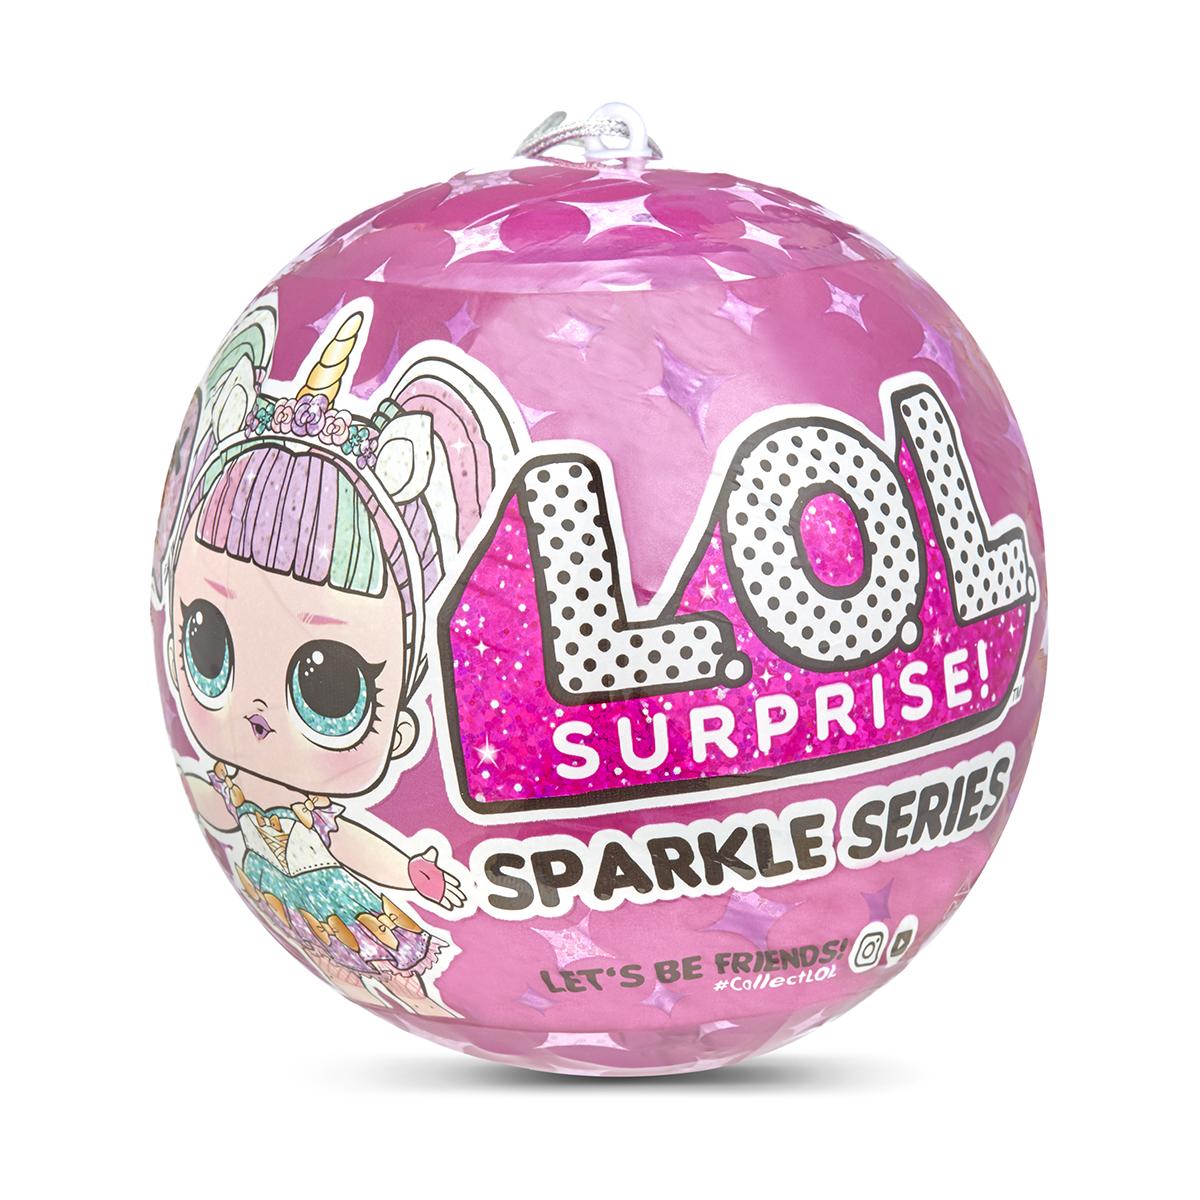 Papusa Lol Surprise Sparkle, 560296e7c, 560296x1e7c